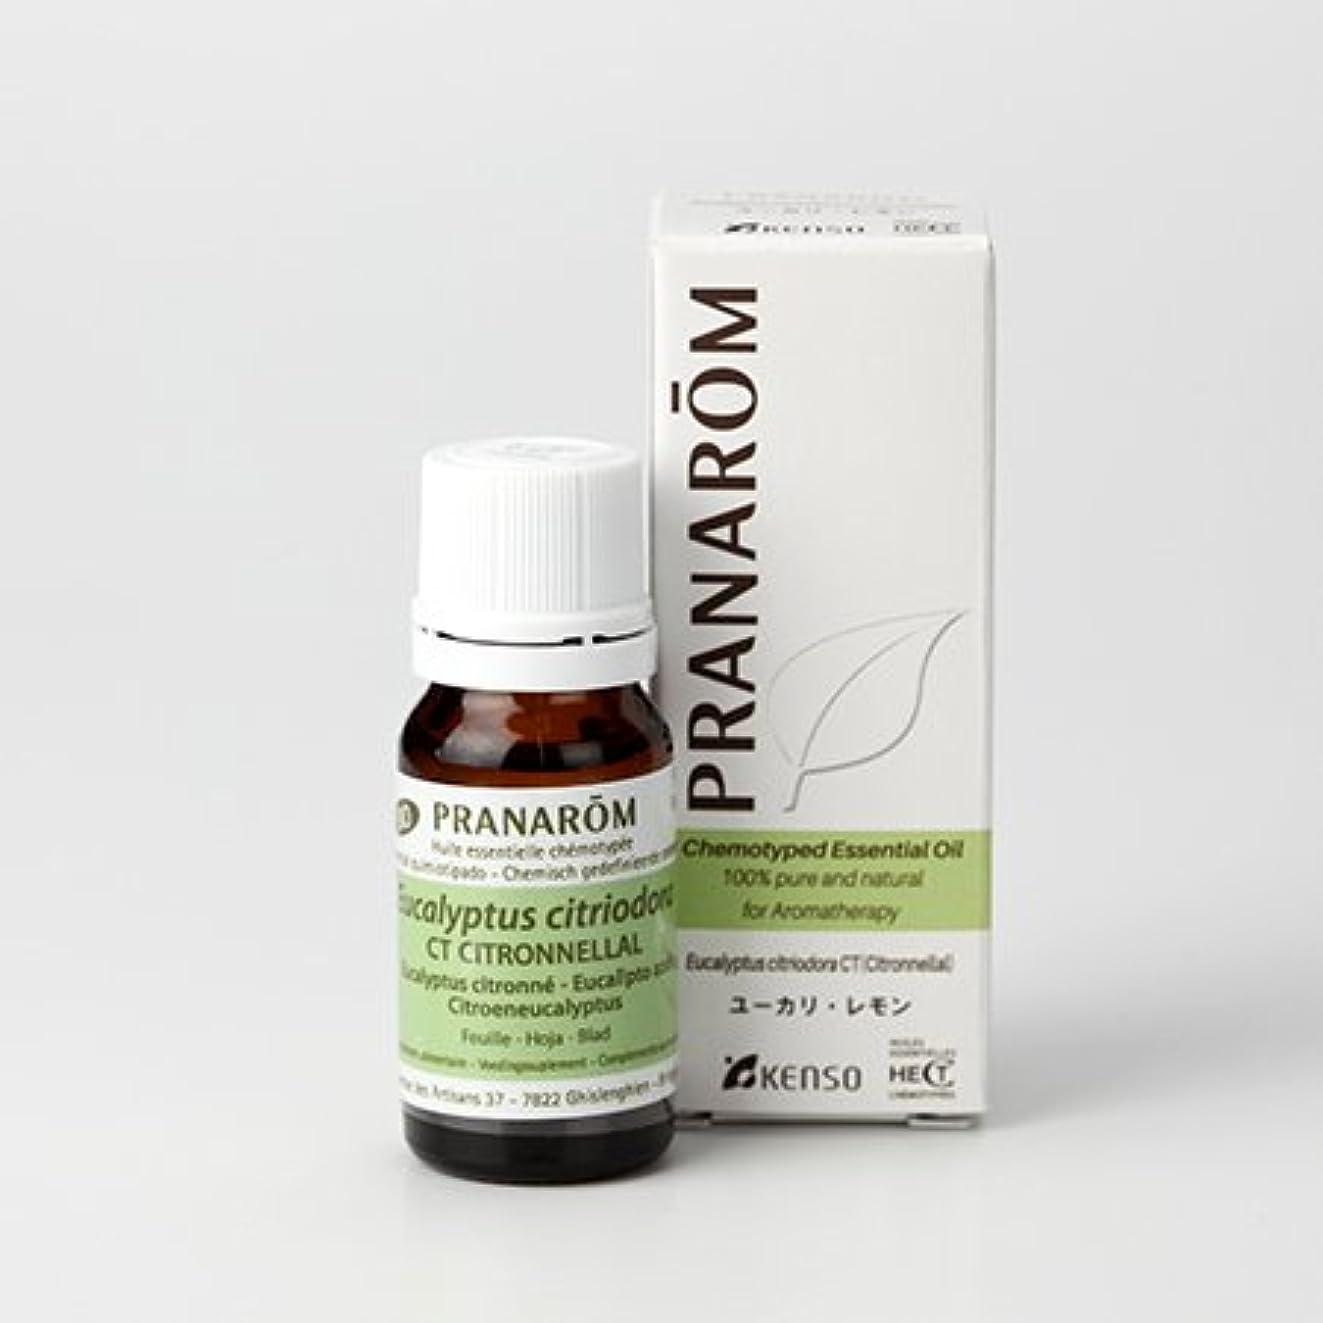 千ダイヤモンド舌プラナロム ( PRANAROM ) 精油 ユーカリ?レモン 10ml p-65 ユーカリレモン